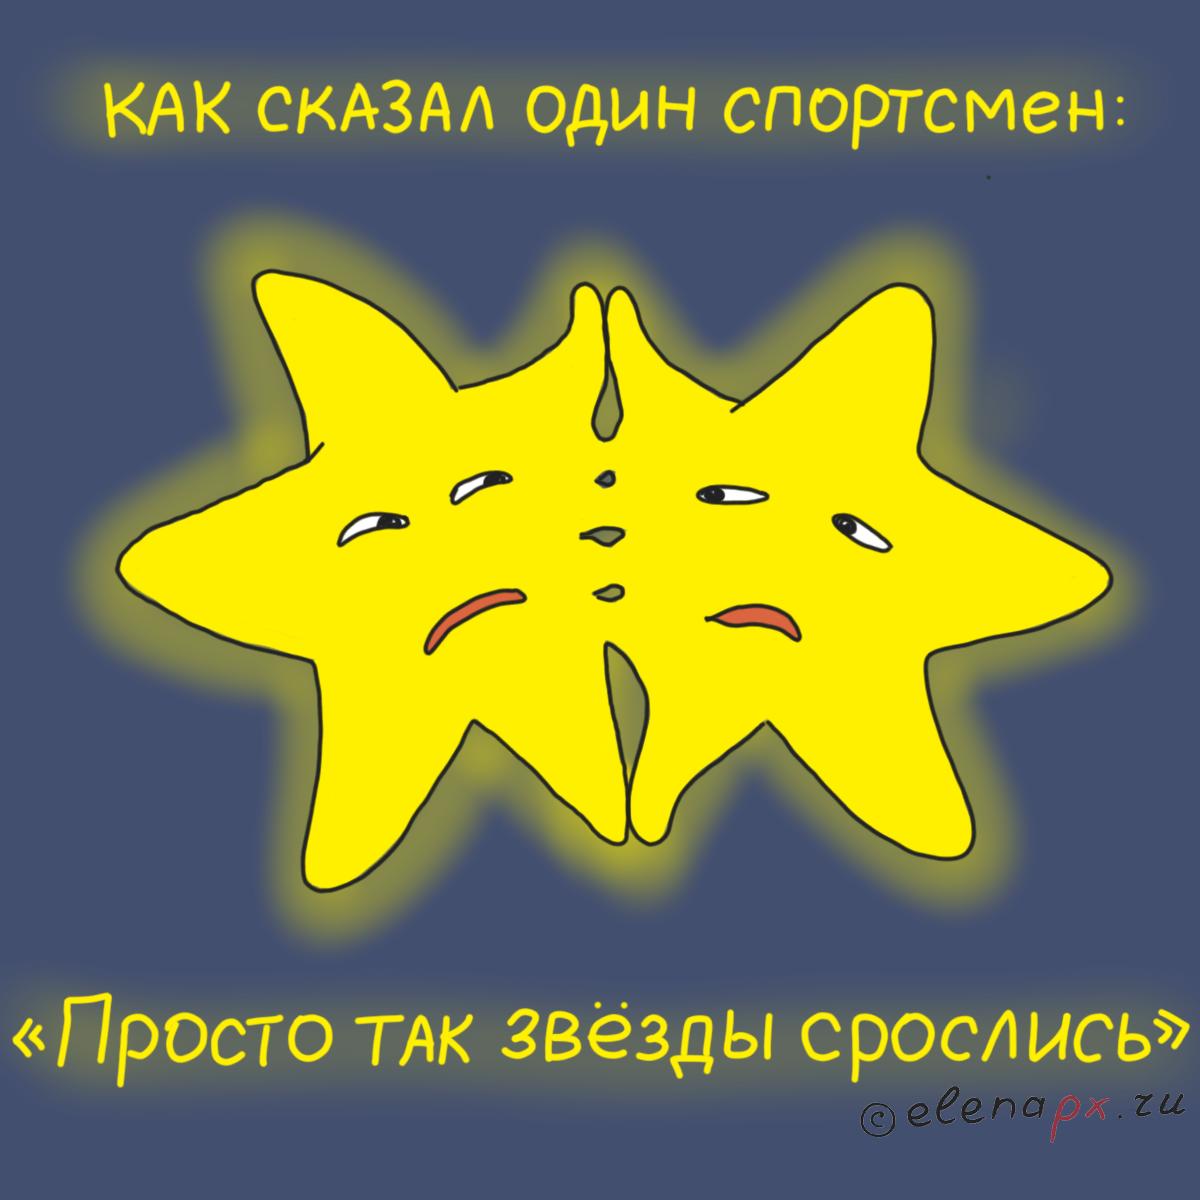 Так звёзды срослись